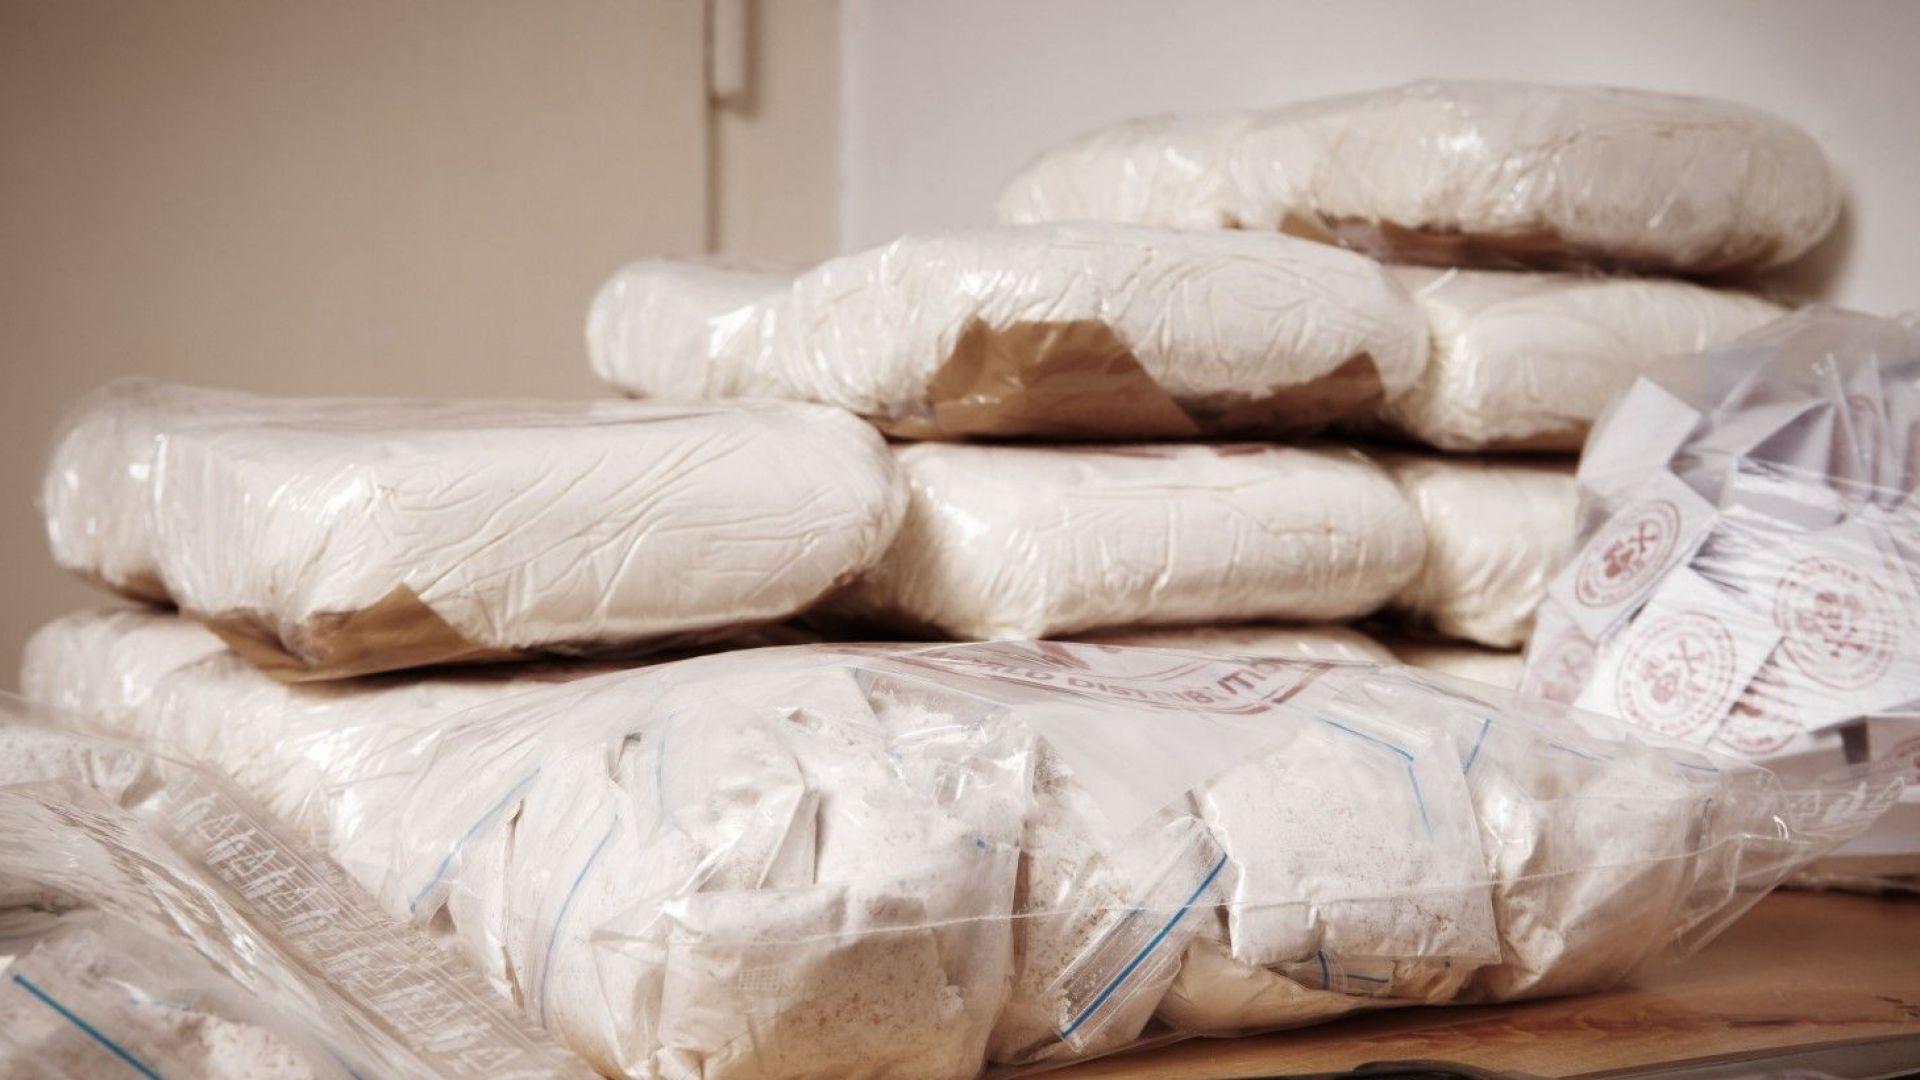 Руски моряци задържани  в Кабо Верде за контрабанда на 9 т кокаин